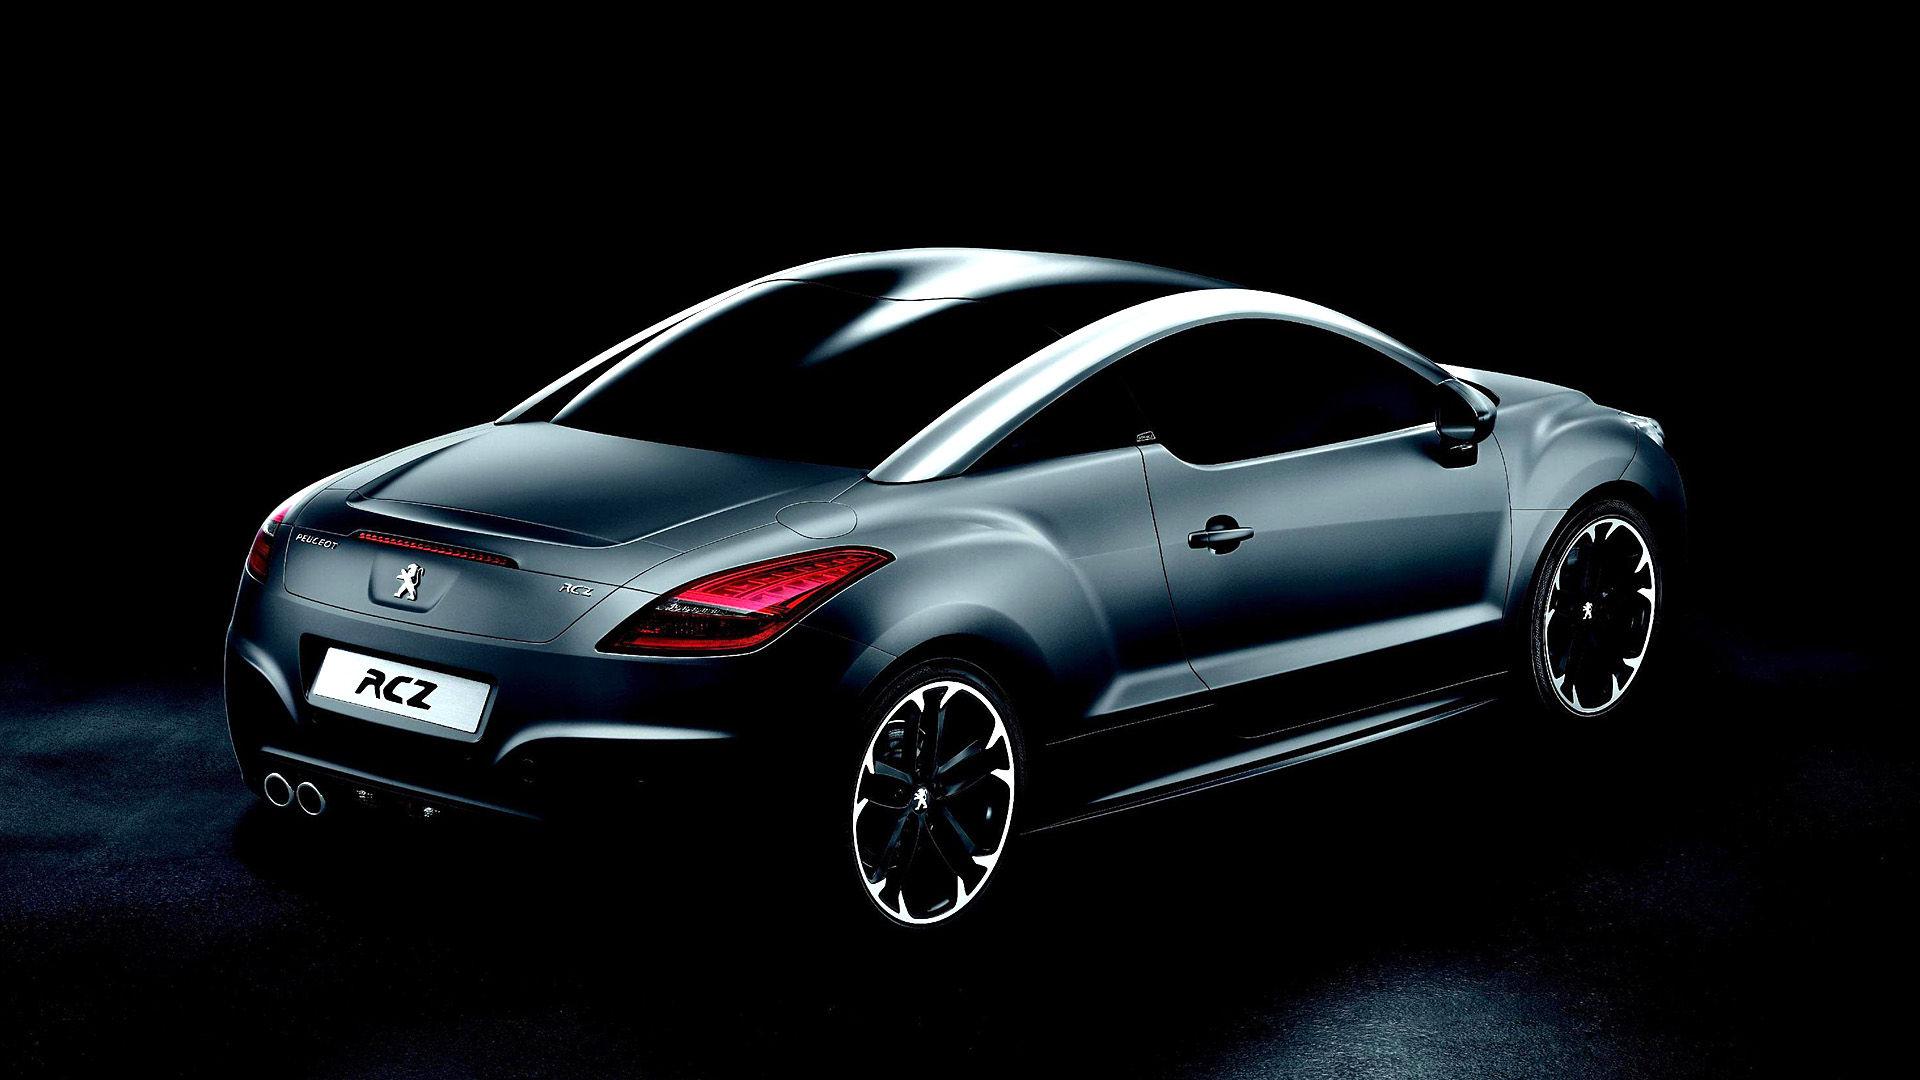 2012 Peugeot RCZ Asphalt LE